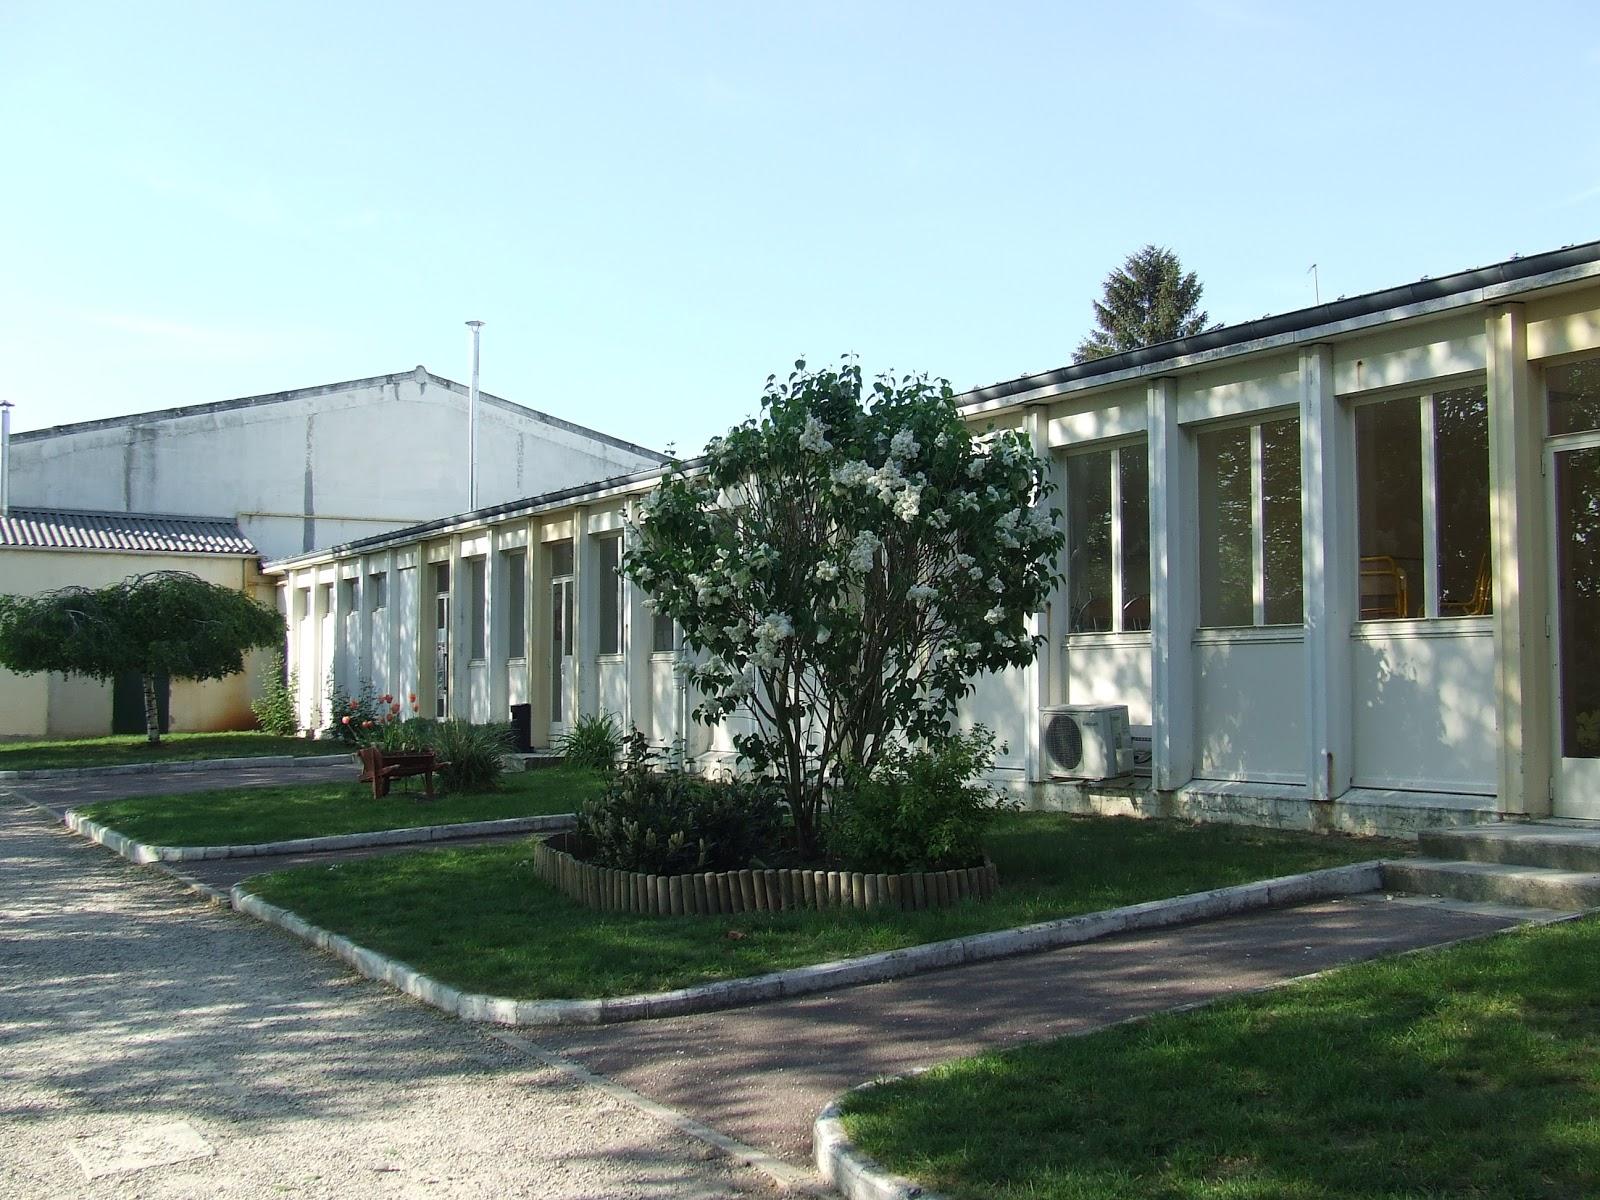 Centre de rencontre la grange villars sur glane